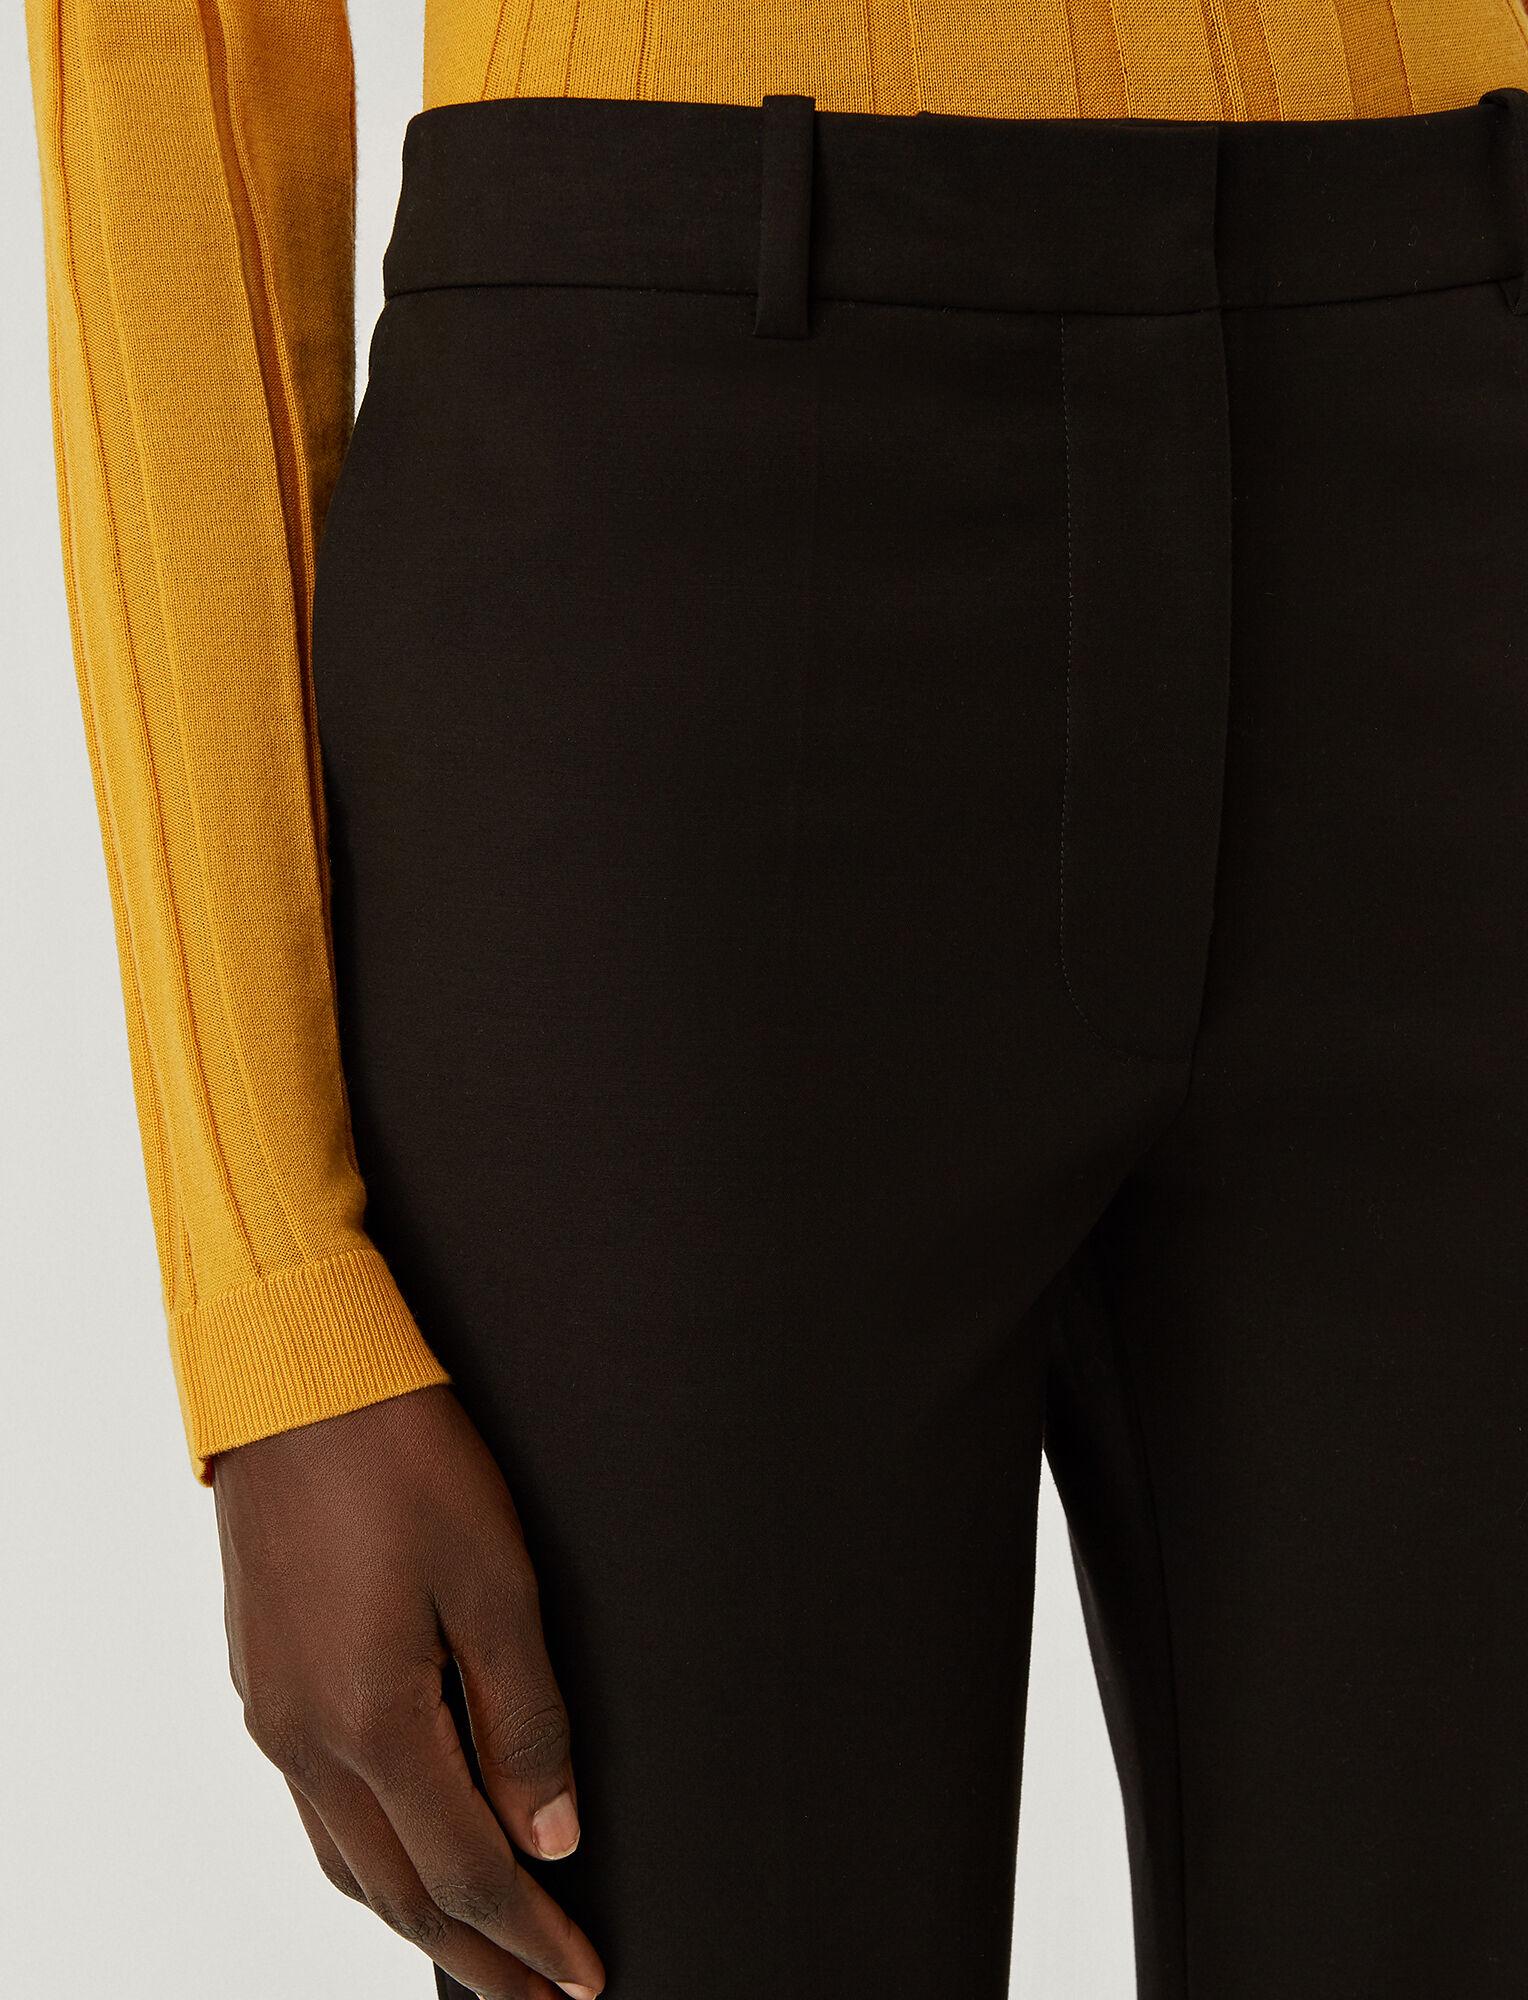 Joseph, Bi-Stretch Toile Teller Trousers, in BLACK